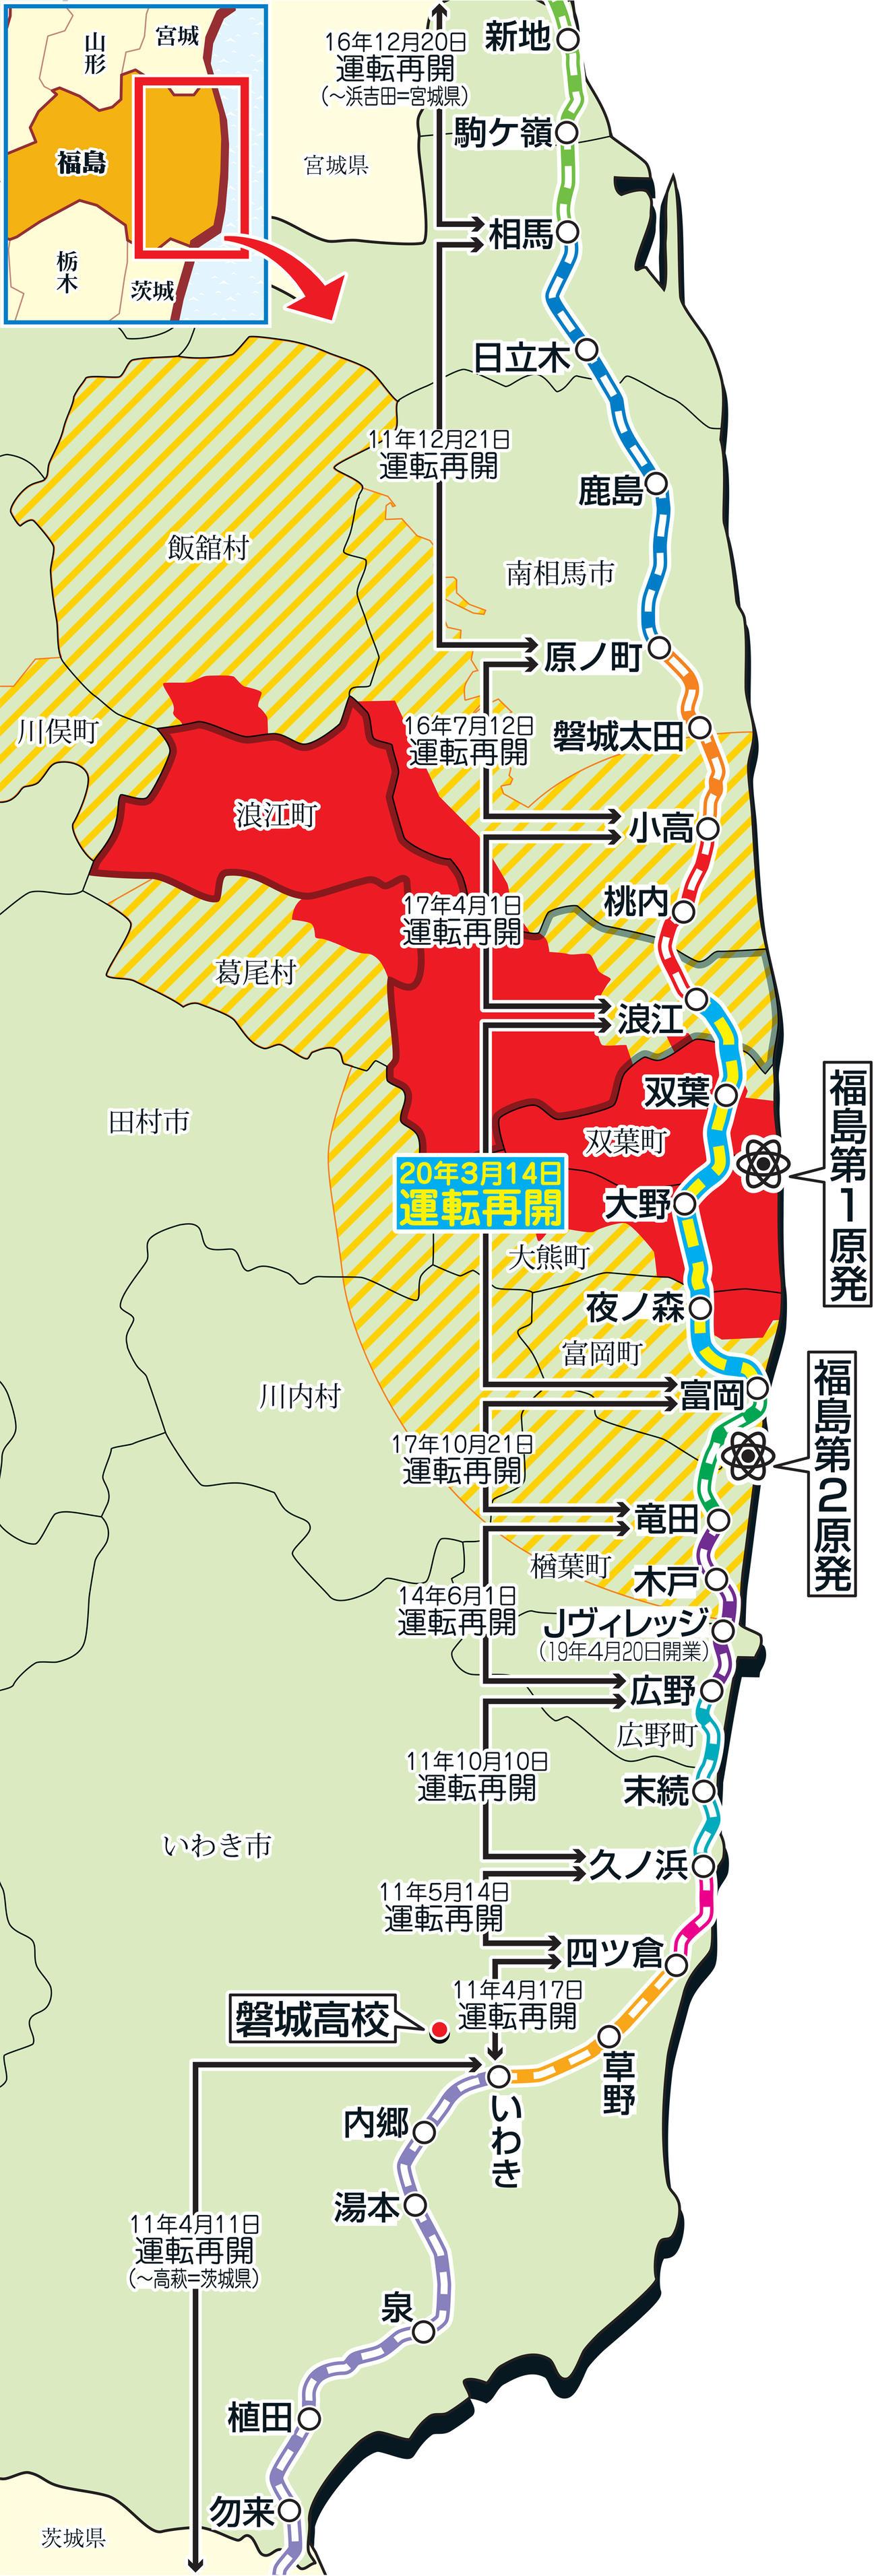 福島県内の常磐線復旧状況と避難指示区域。赤枠は帰宅困難区域。斜線部は避難指示が解除された区域